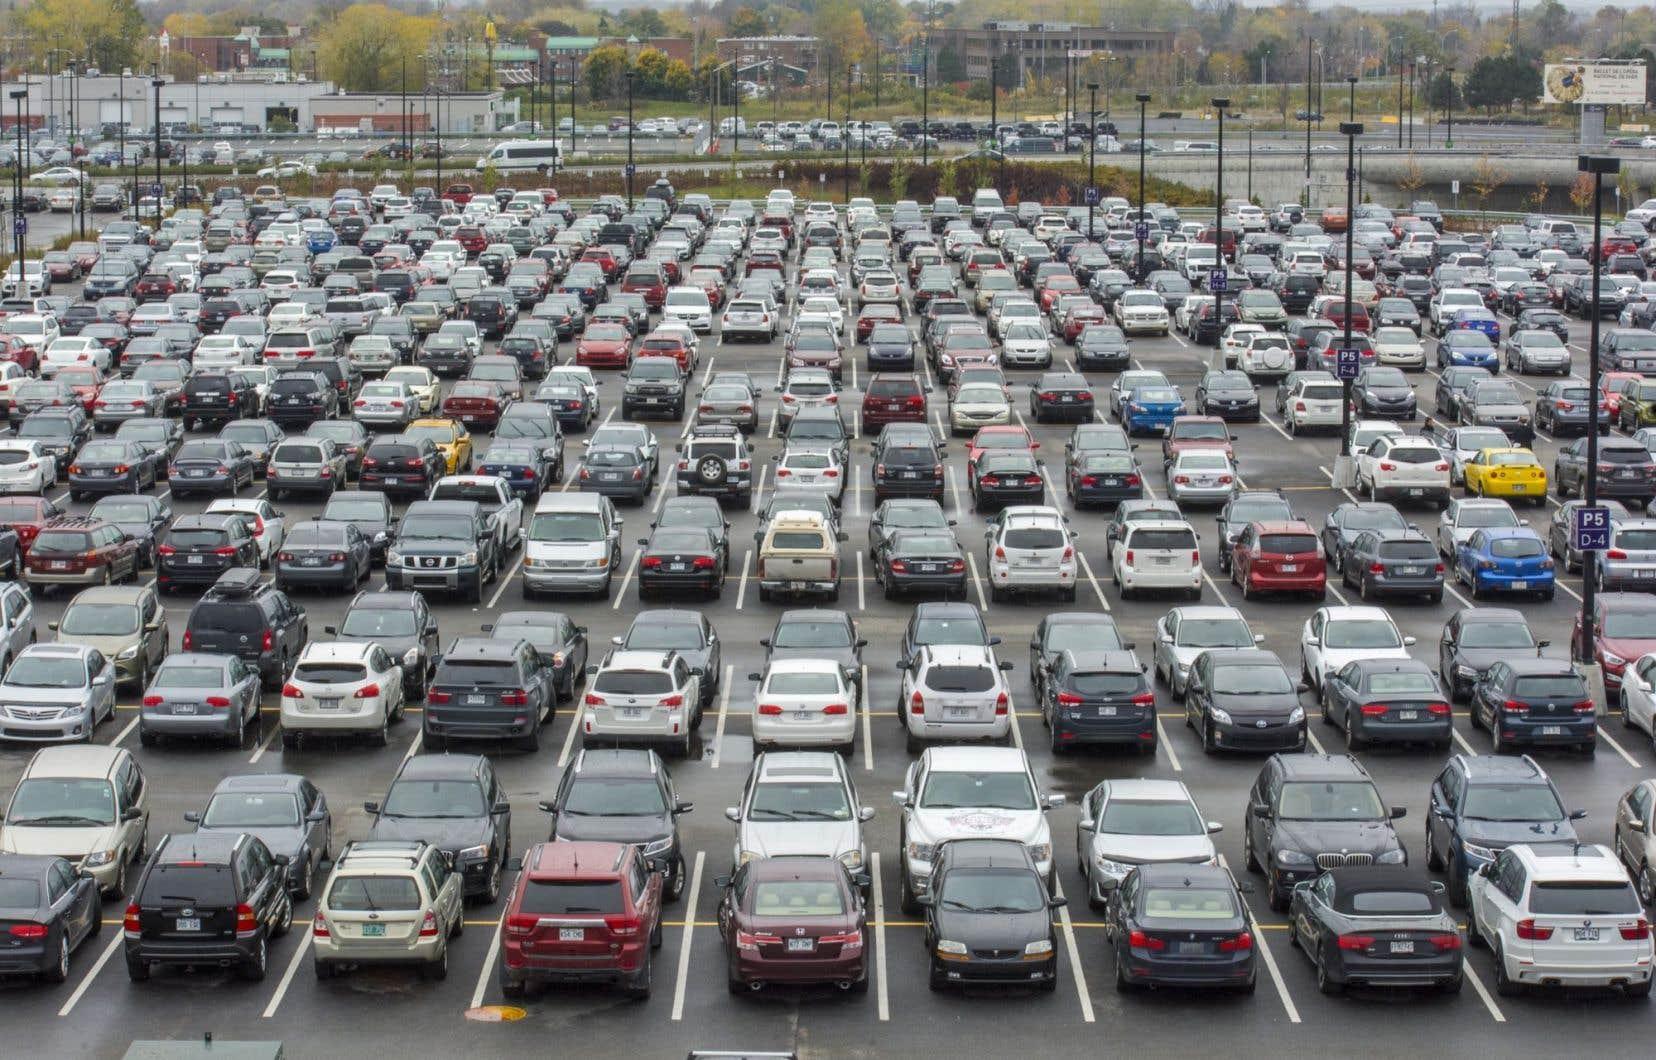 Le stationnement est le dernier maillon de la chaîne de déplacement en automobile. Il est vital si on veut utiliser sa voiture.